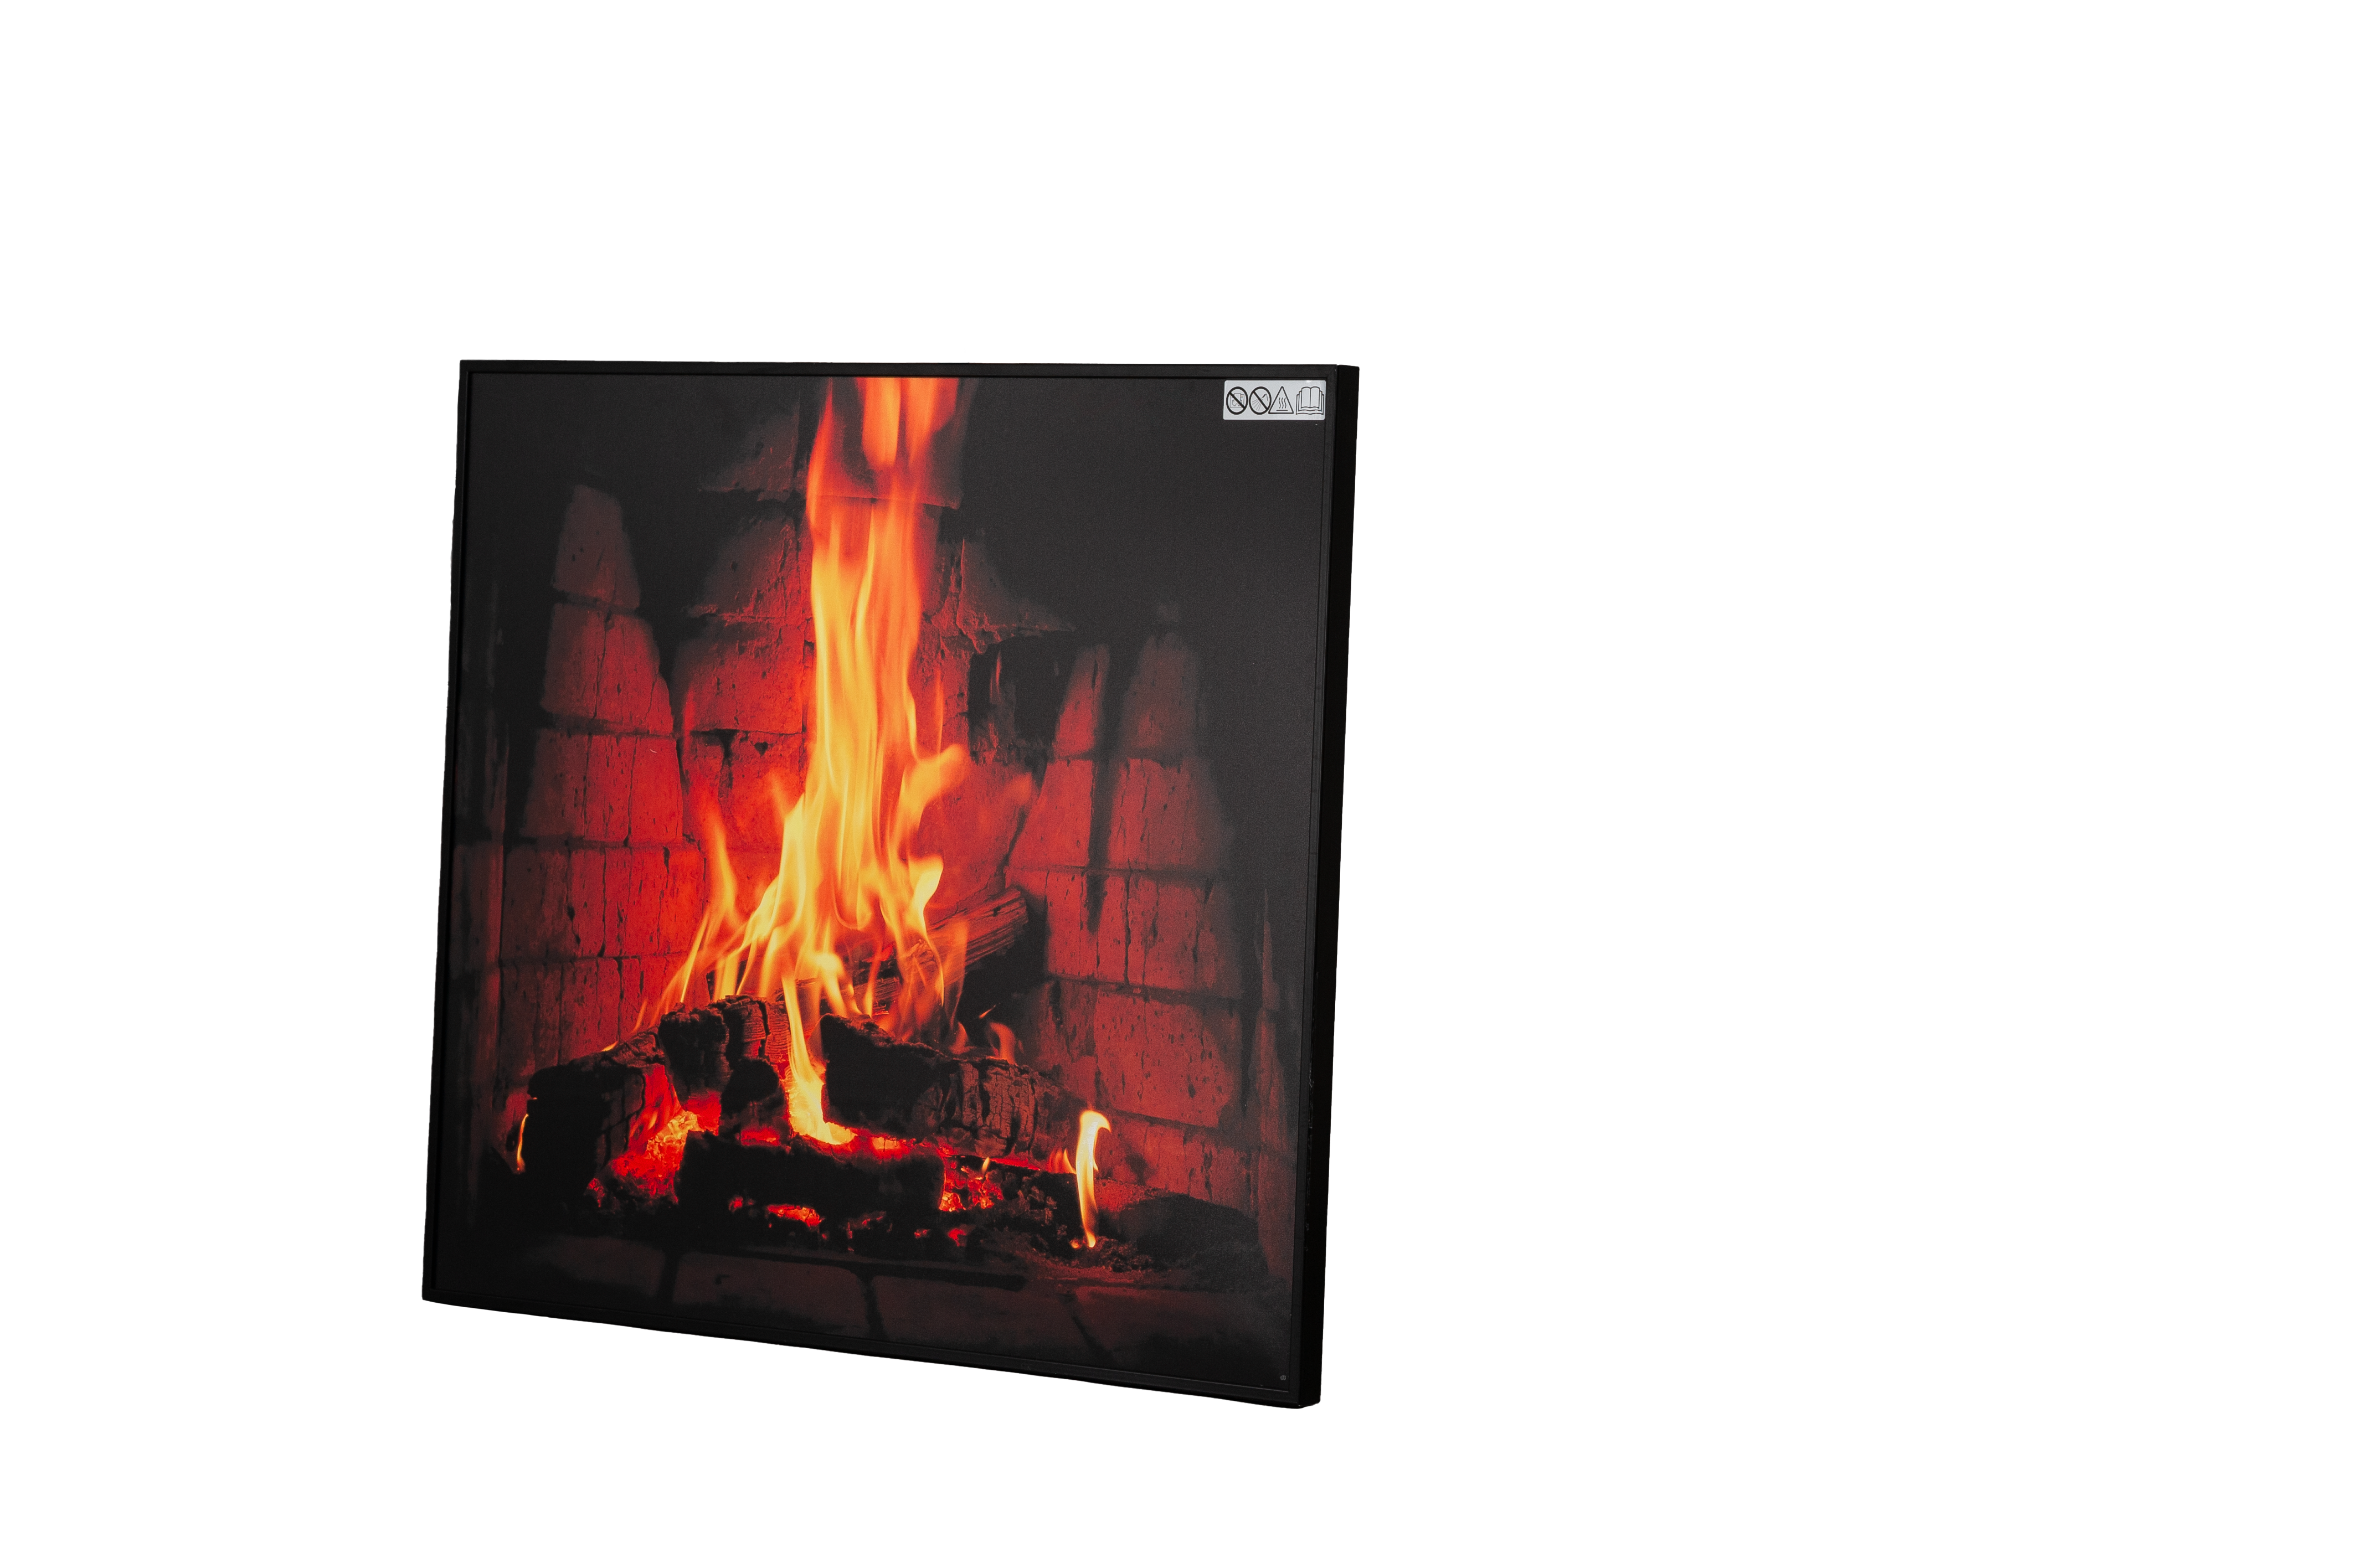 SIKU Infraplate pro IPP450 Fireplace